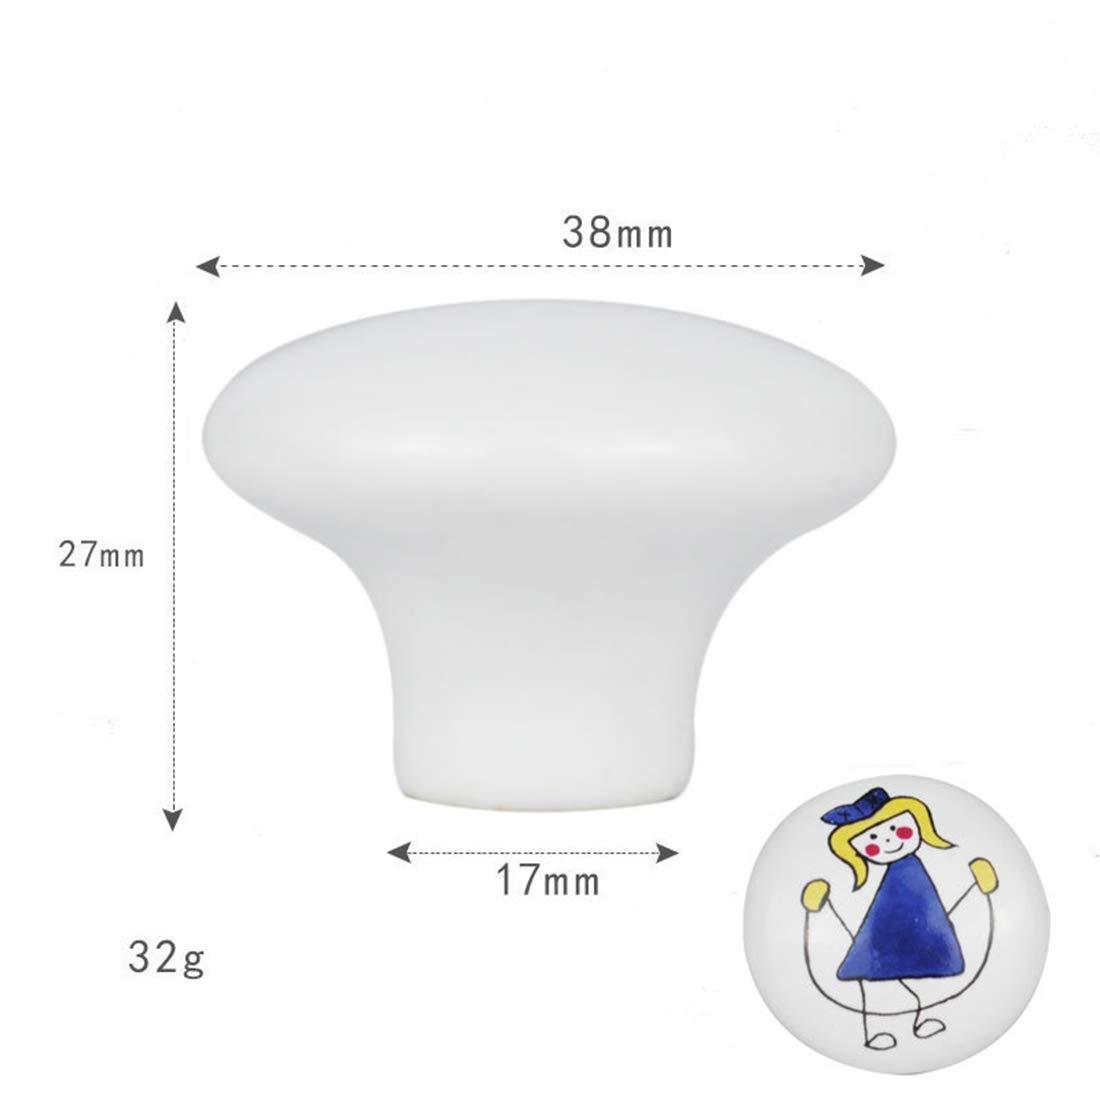 TETAKE M/öbelkn/öpfe Kinderzimmer 10x Keramik Schubladenkn/öpfe Kinder Motiv mit Schraube f/ür M/ädchenzimmer und Jungenzimmer